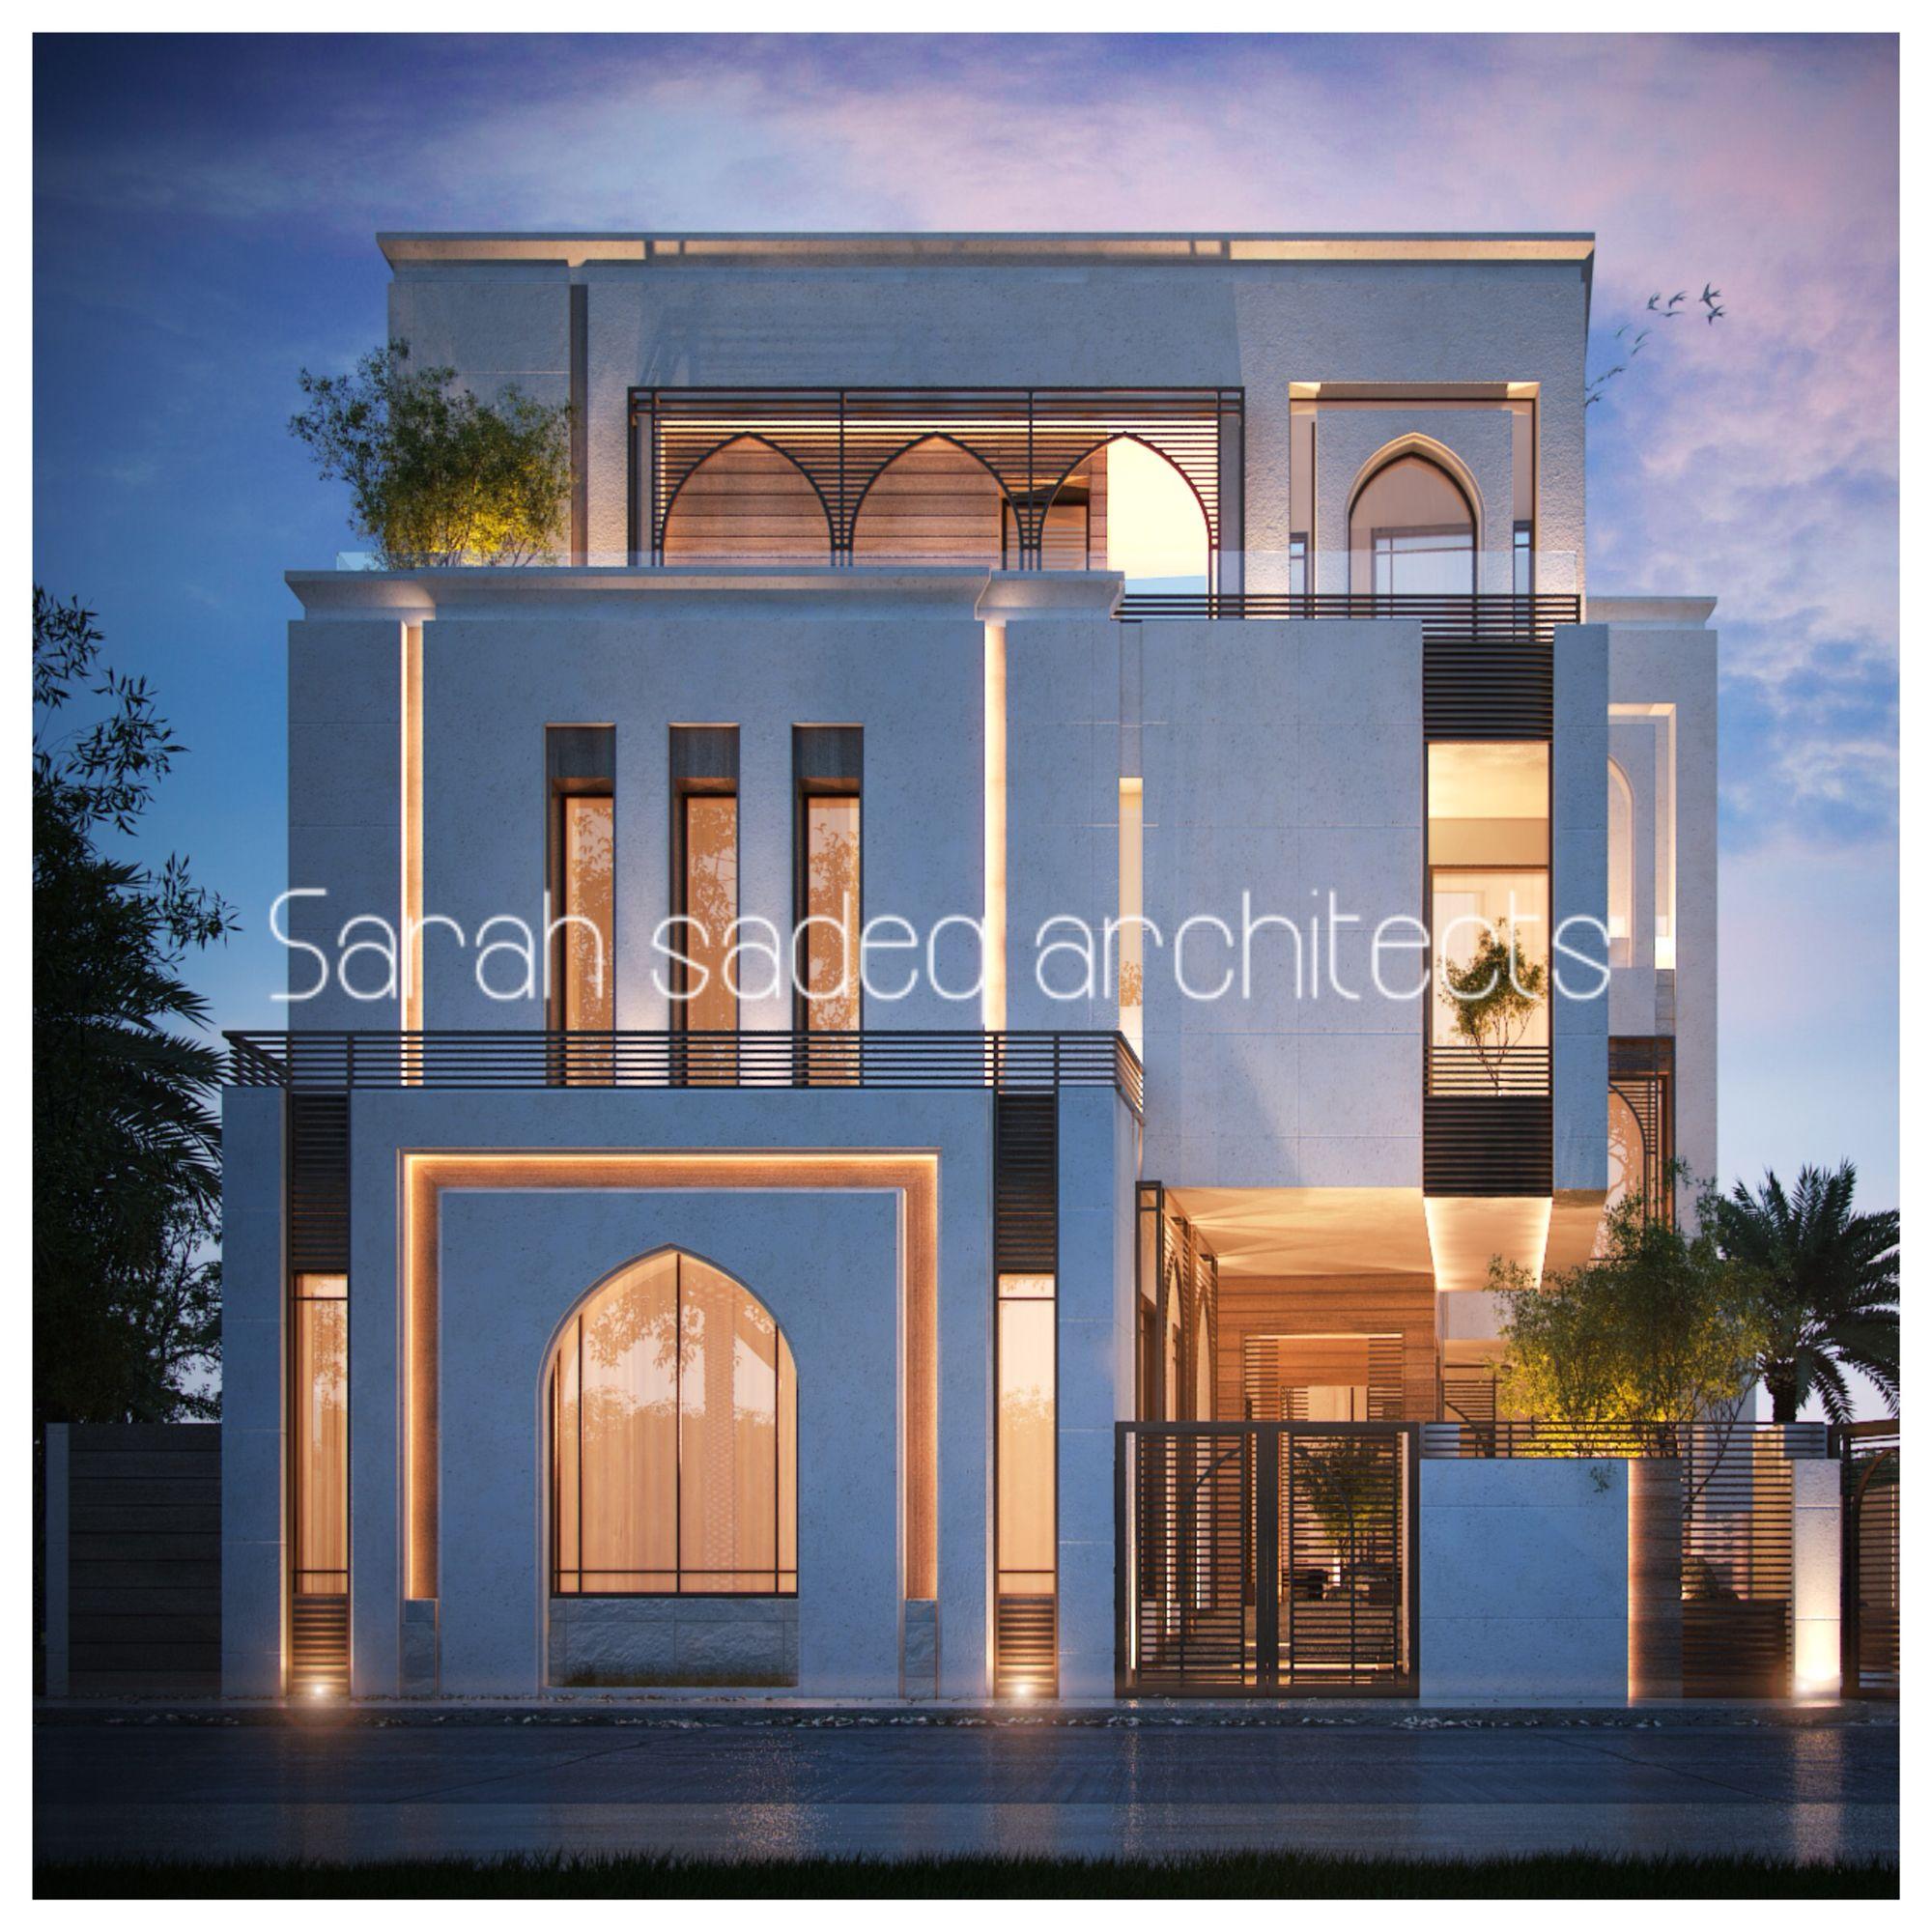 500 m private villa kuwait Sarah sadeq architects sarah